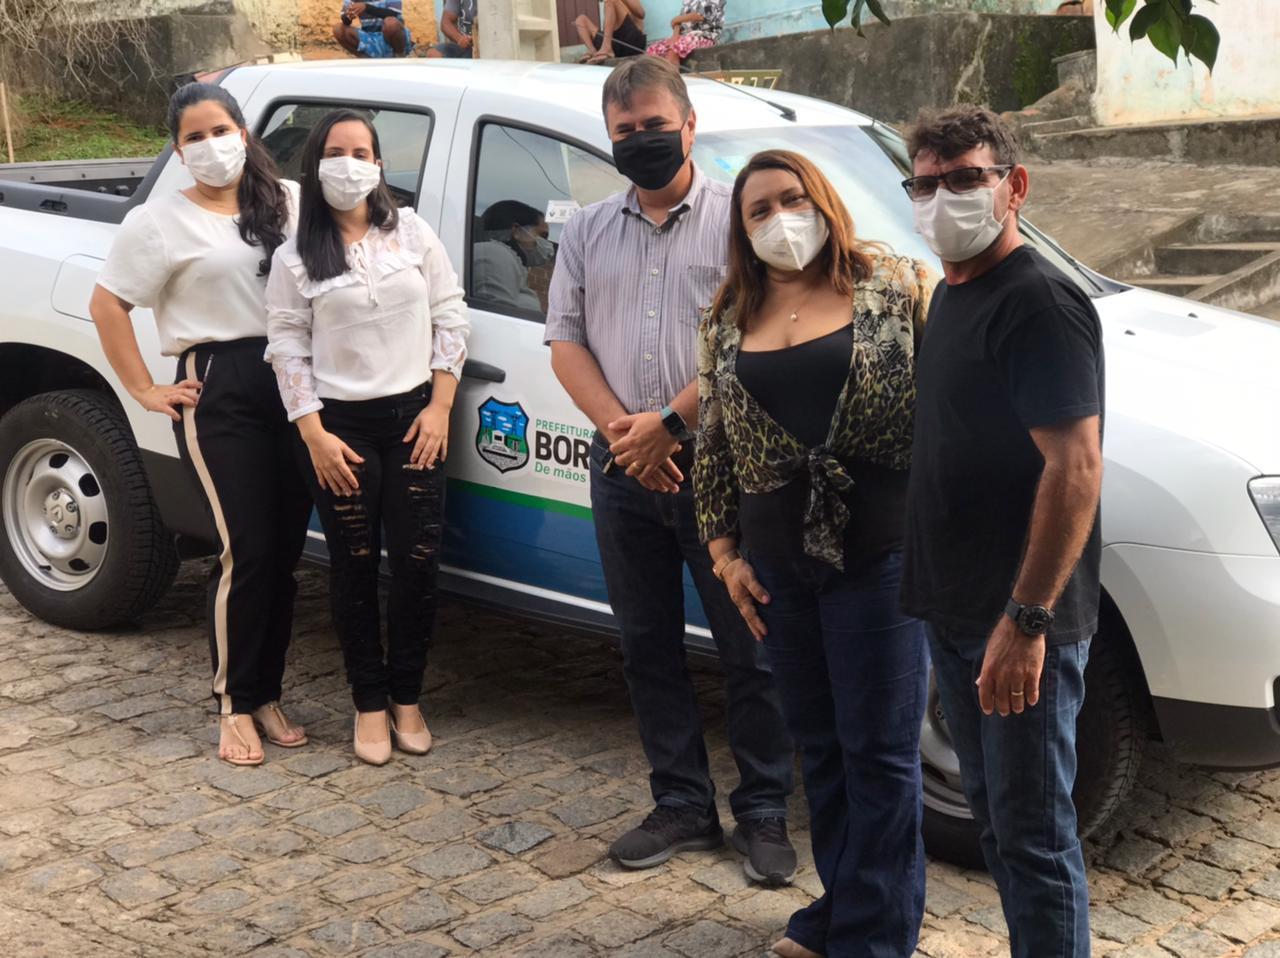 Prefeitura de Borborema adquire mais um veículo 0km para servir à população do município